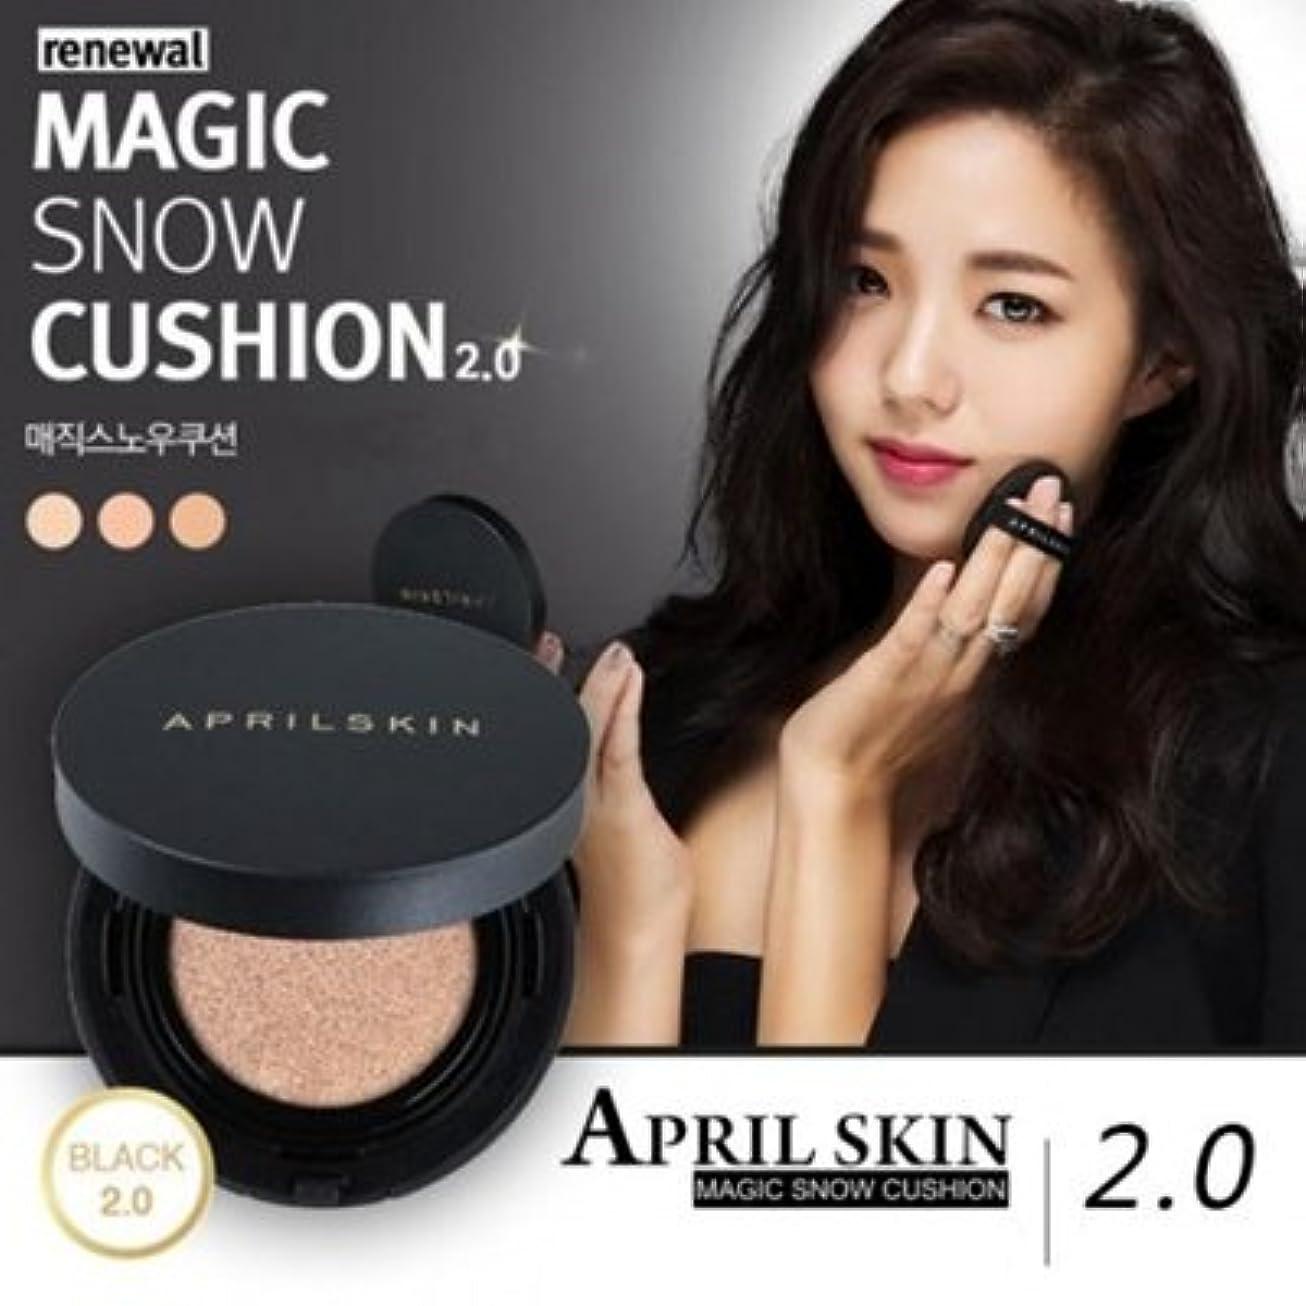 促す差別化する経験者[April Skin]韓国クッション部門1位!NEW!!★Magic Snow Cushion Black 2.0★/w Gift Sample (#23 Natural Beige) [並行輸入品]